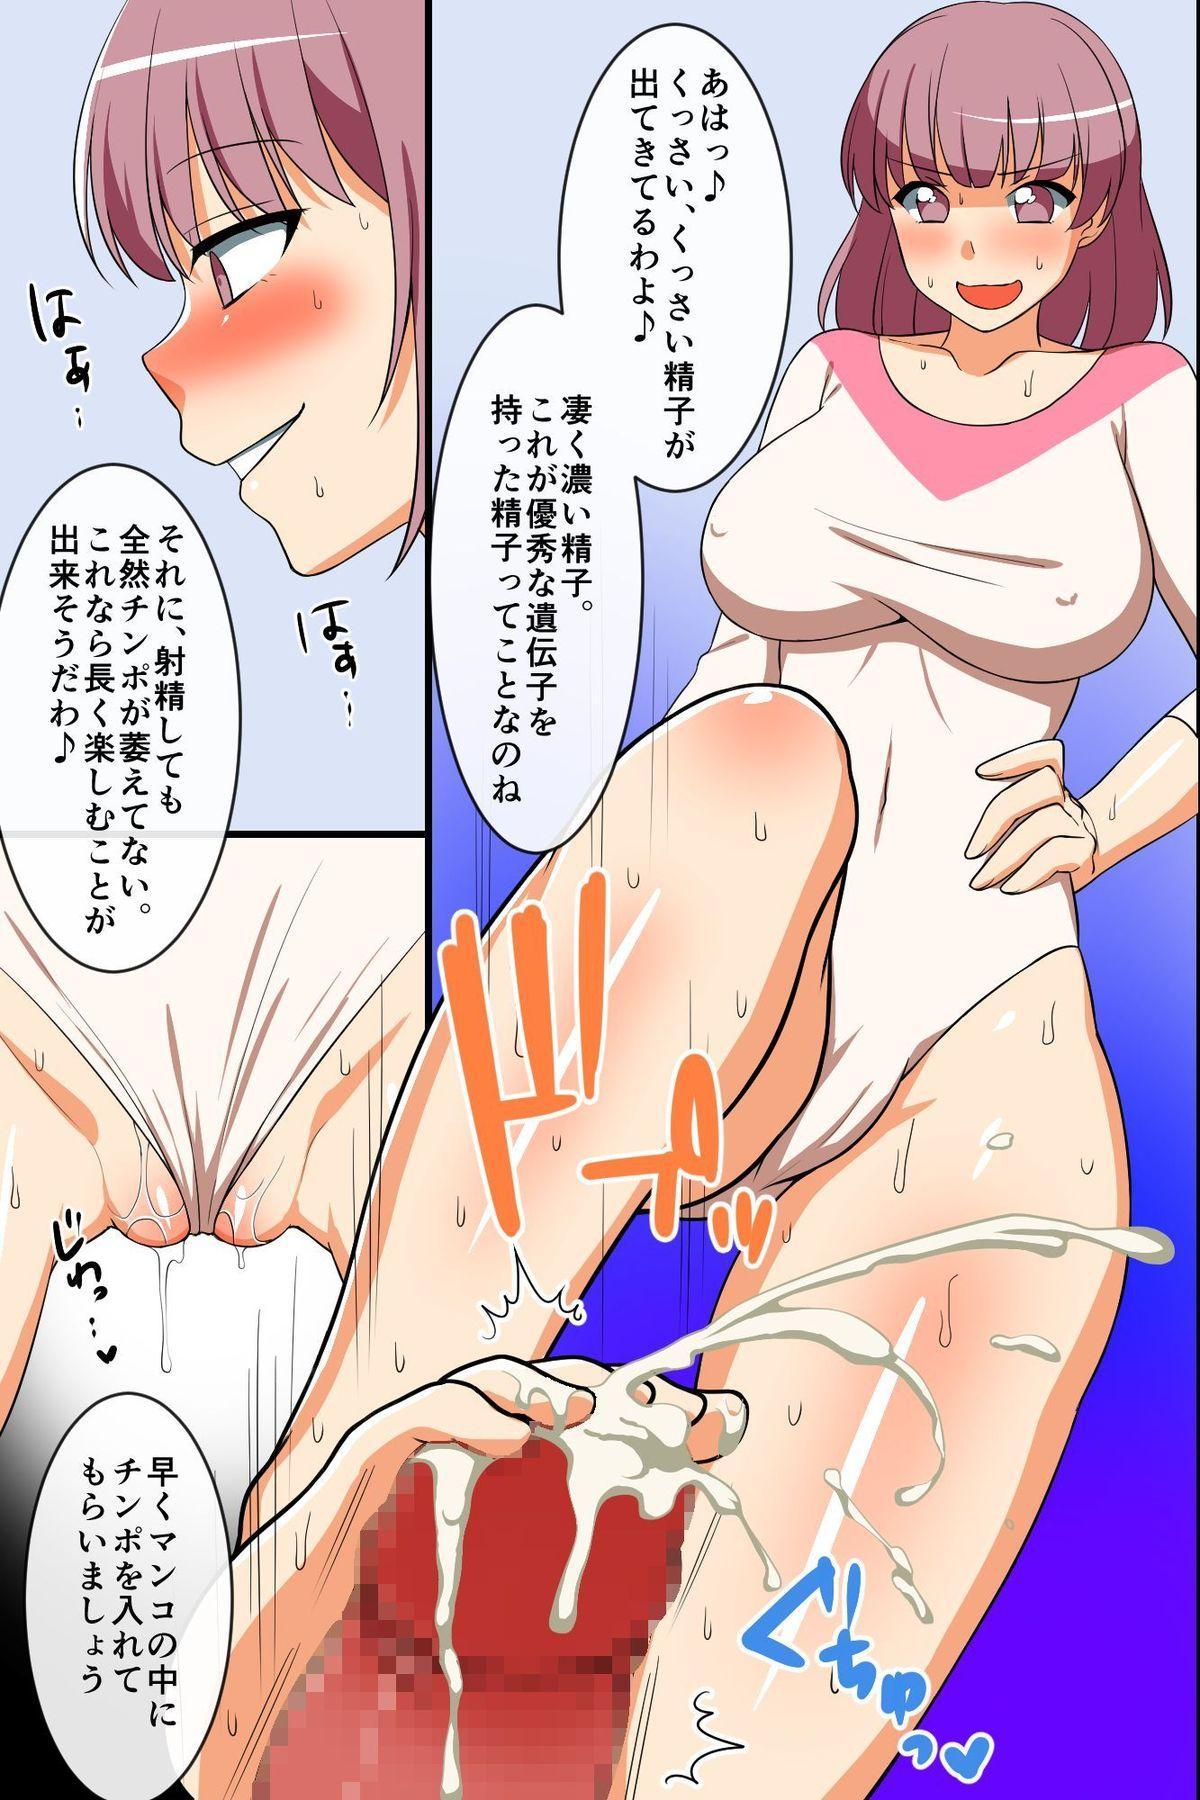 [rbooks] Tsuushou, SEX-hou ga Seitei Saremashita ~ Muchi-muchi na Sports Joshi-tachi to Mainichi Tanetsuke Semen Nakadashi Houdai! 25